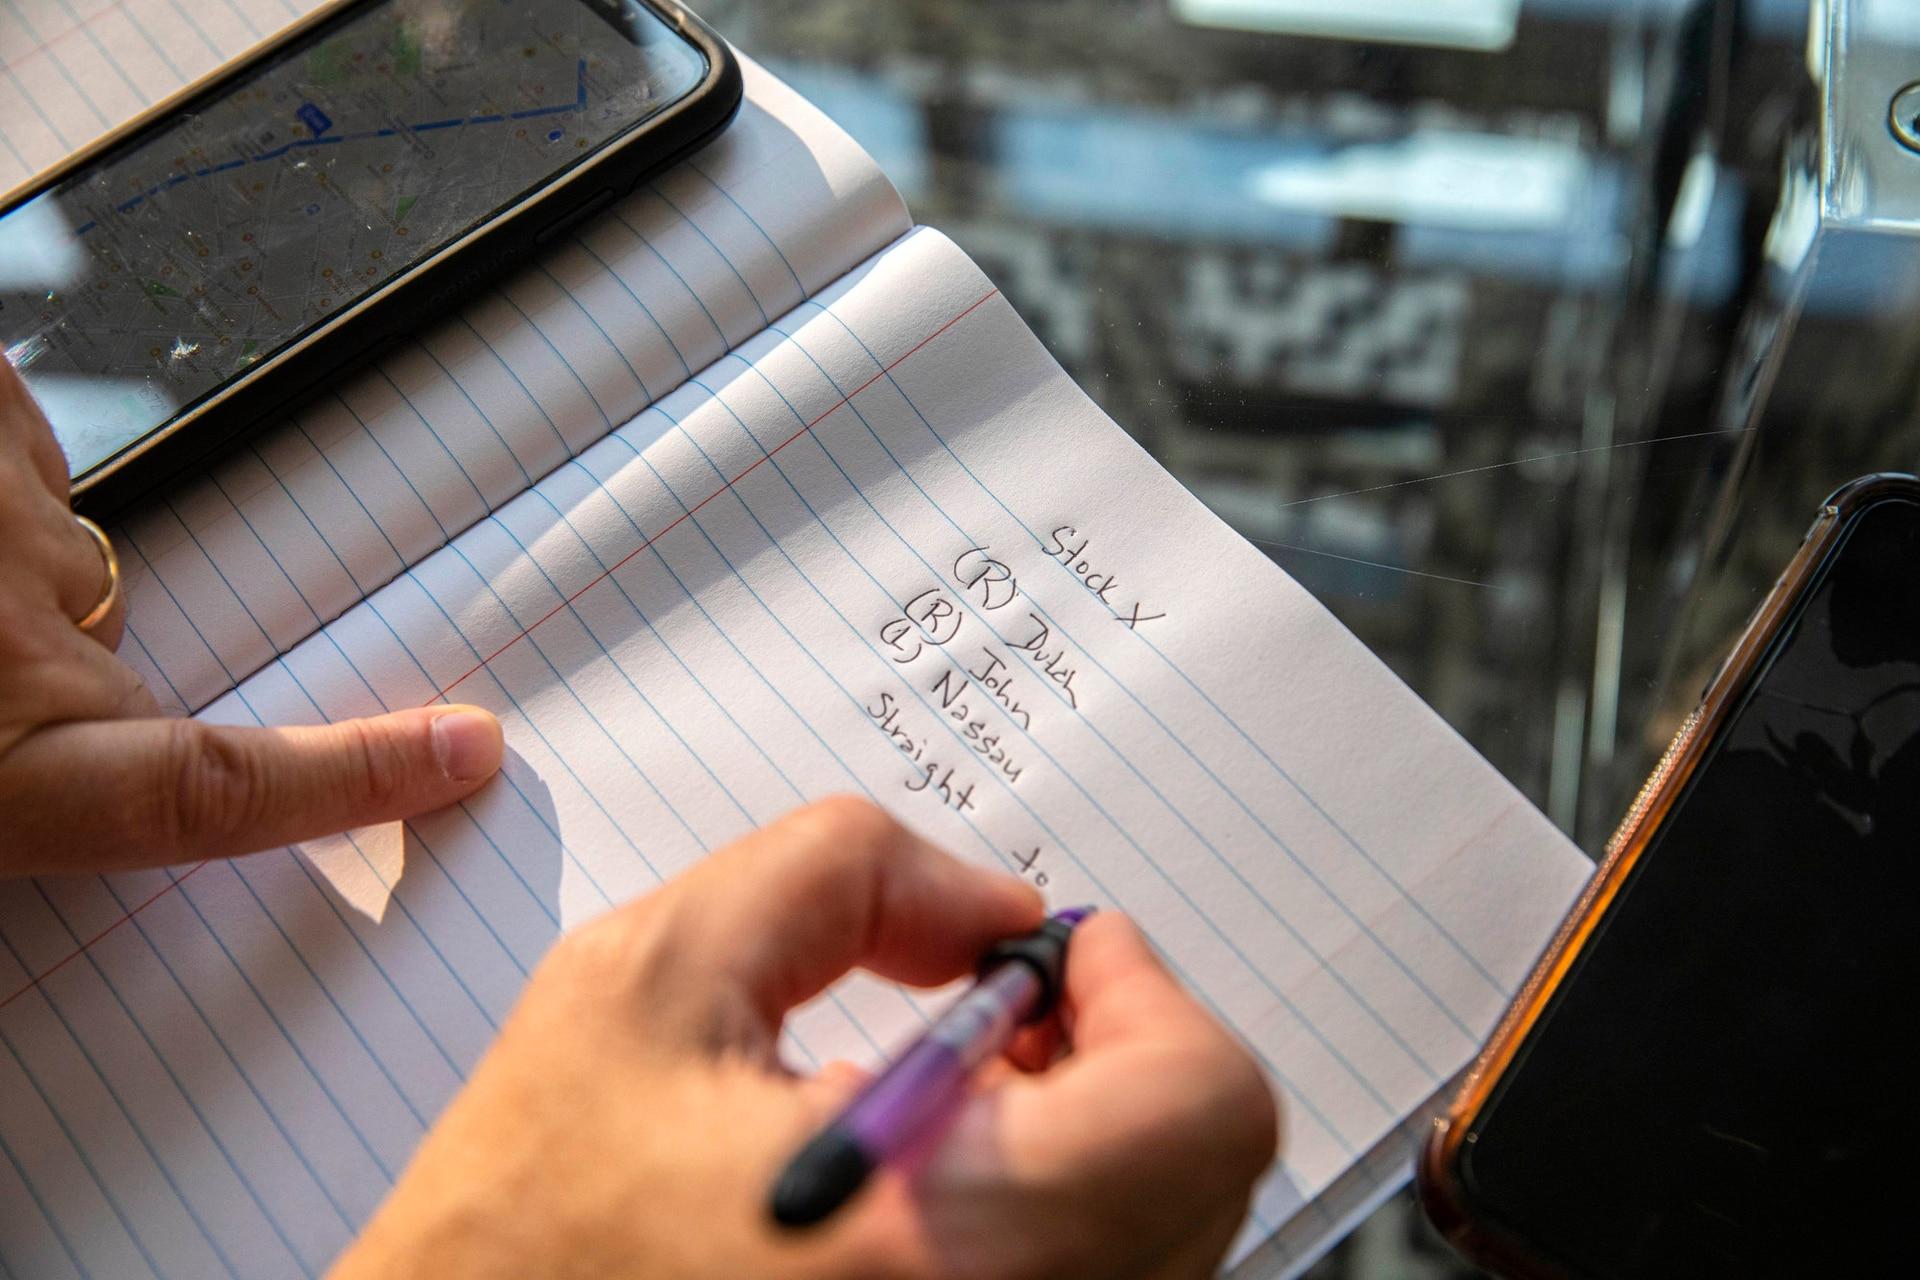 Escribir notas es uno de los ejercicios que ayuda a recuperar la memoria, que puede verse afectada por la continuación de Govit-19